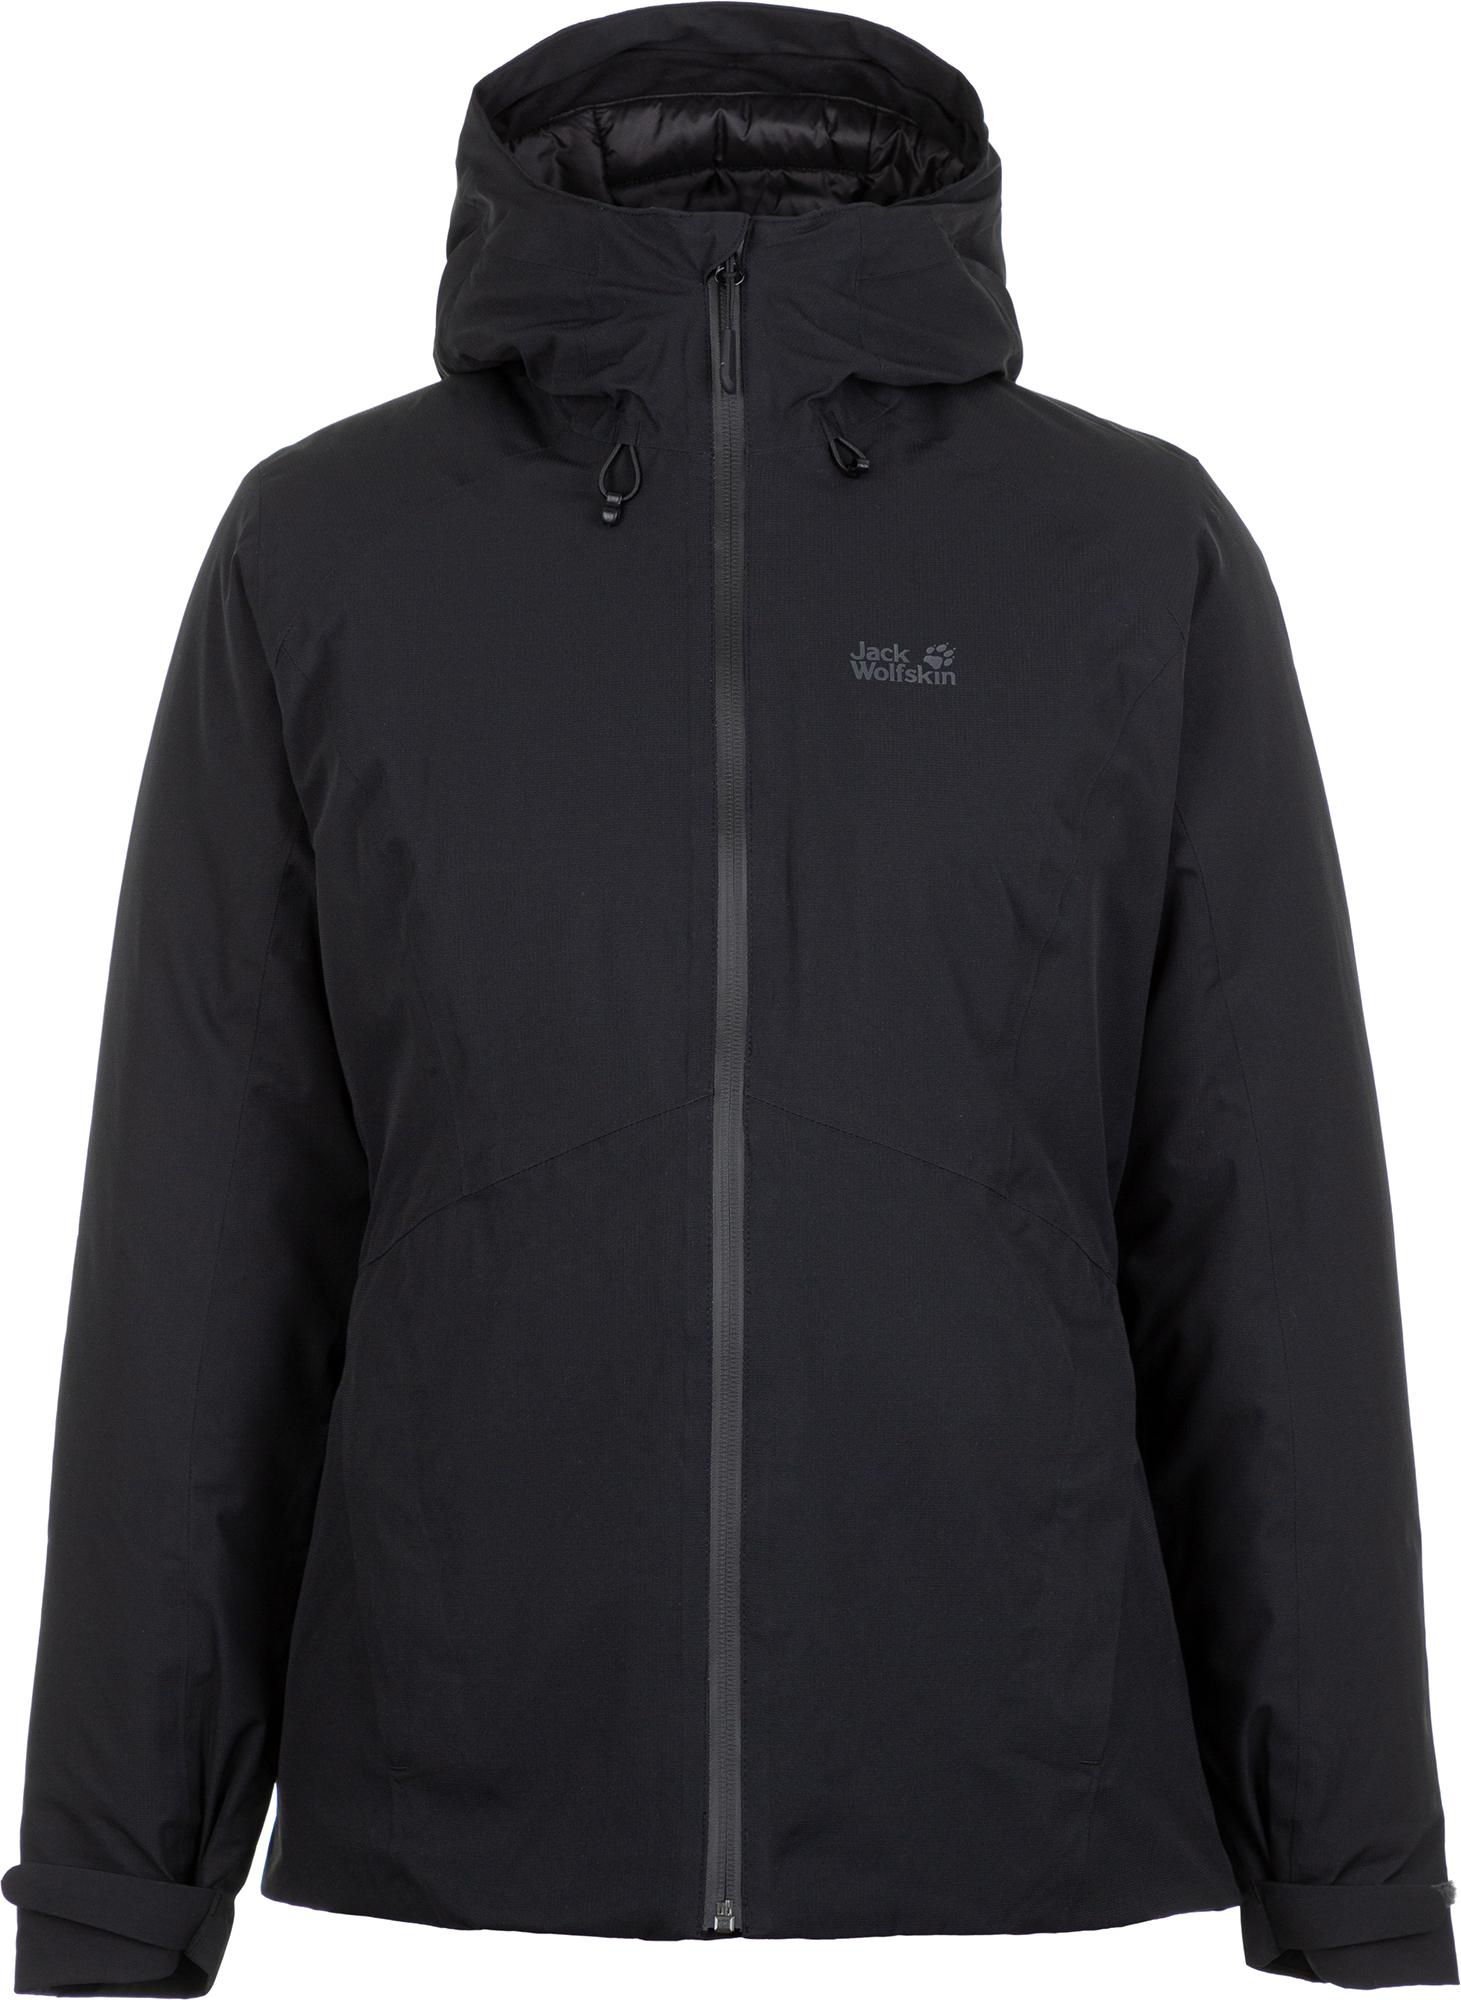 JACK WOLFSKIN Куртка утепленная женская Jack Wolfskin Argon, размер 46-48